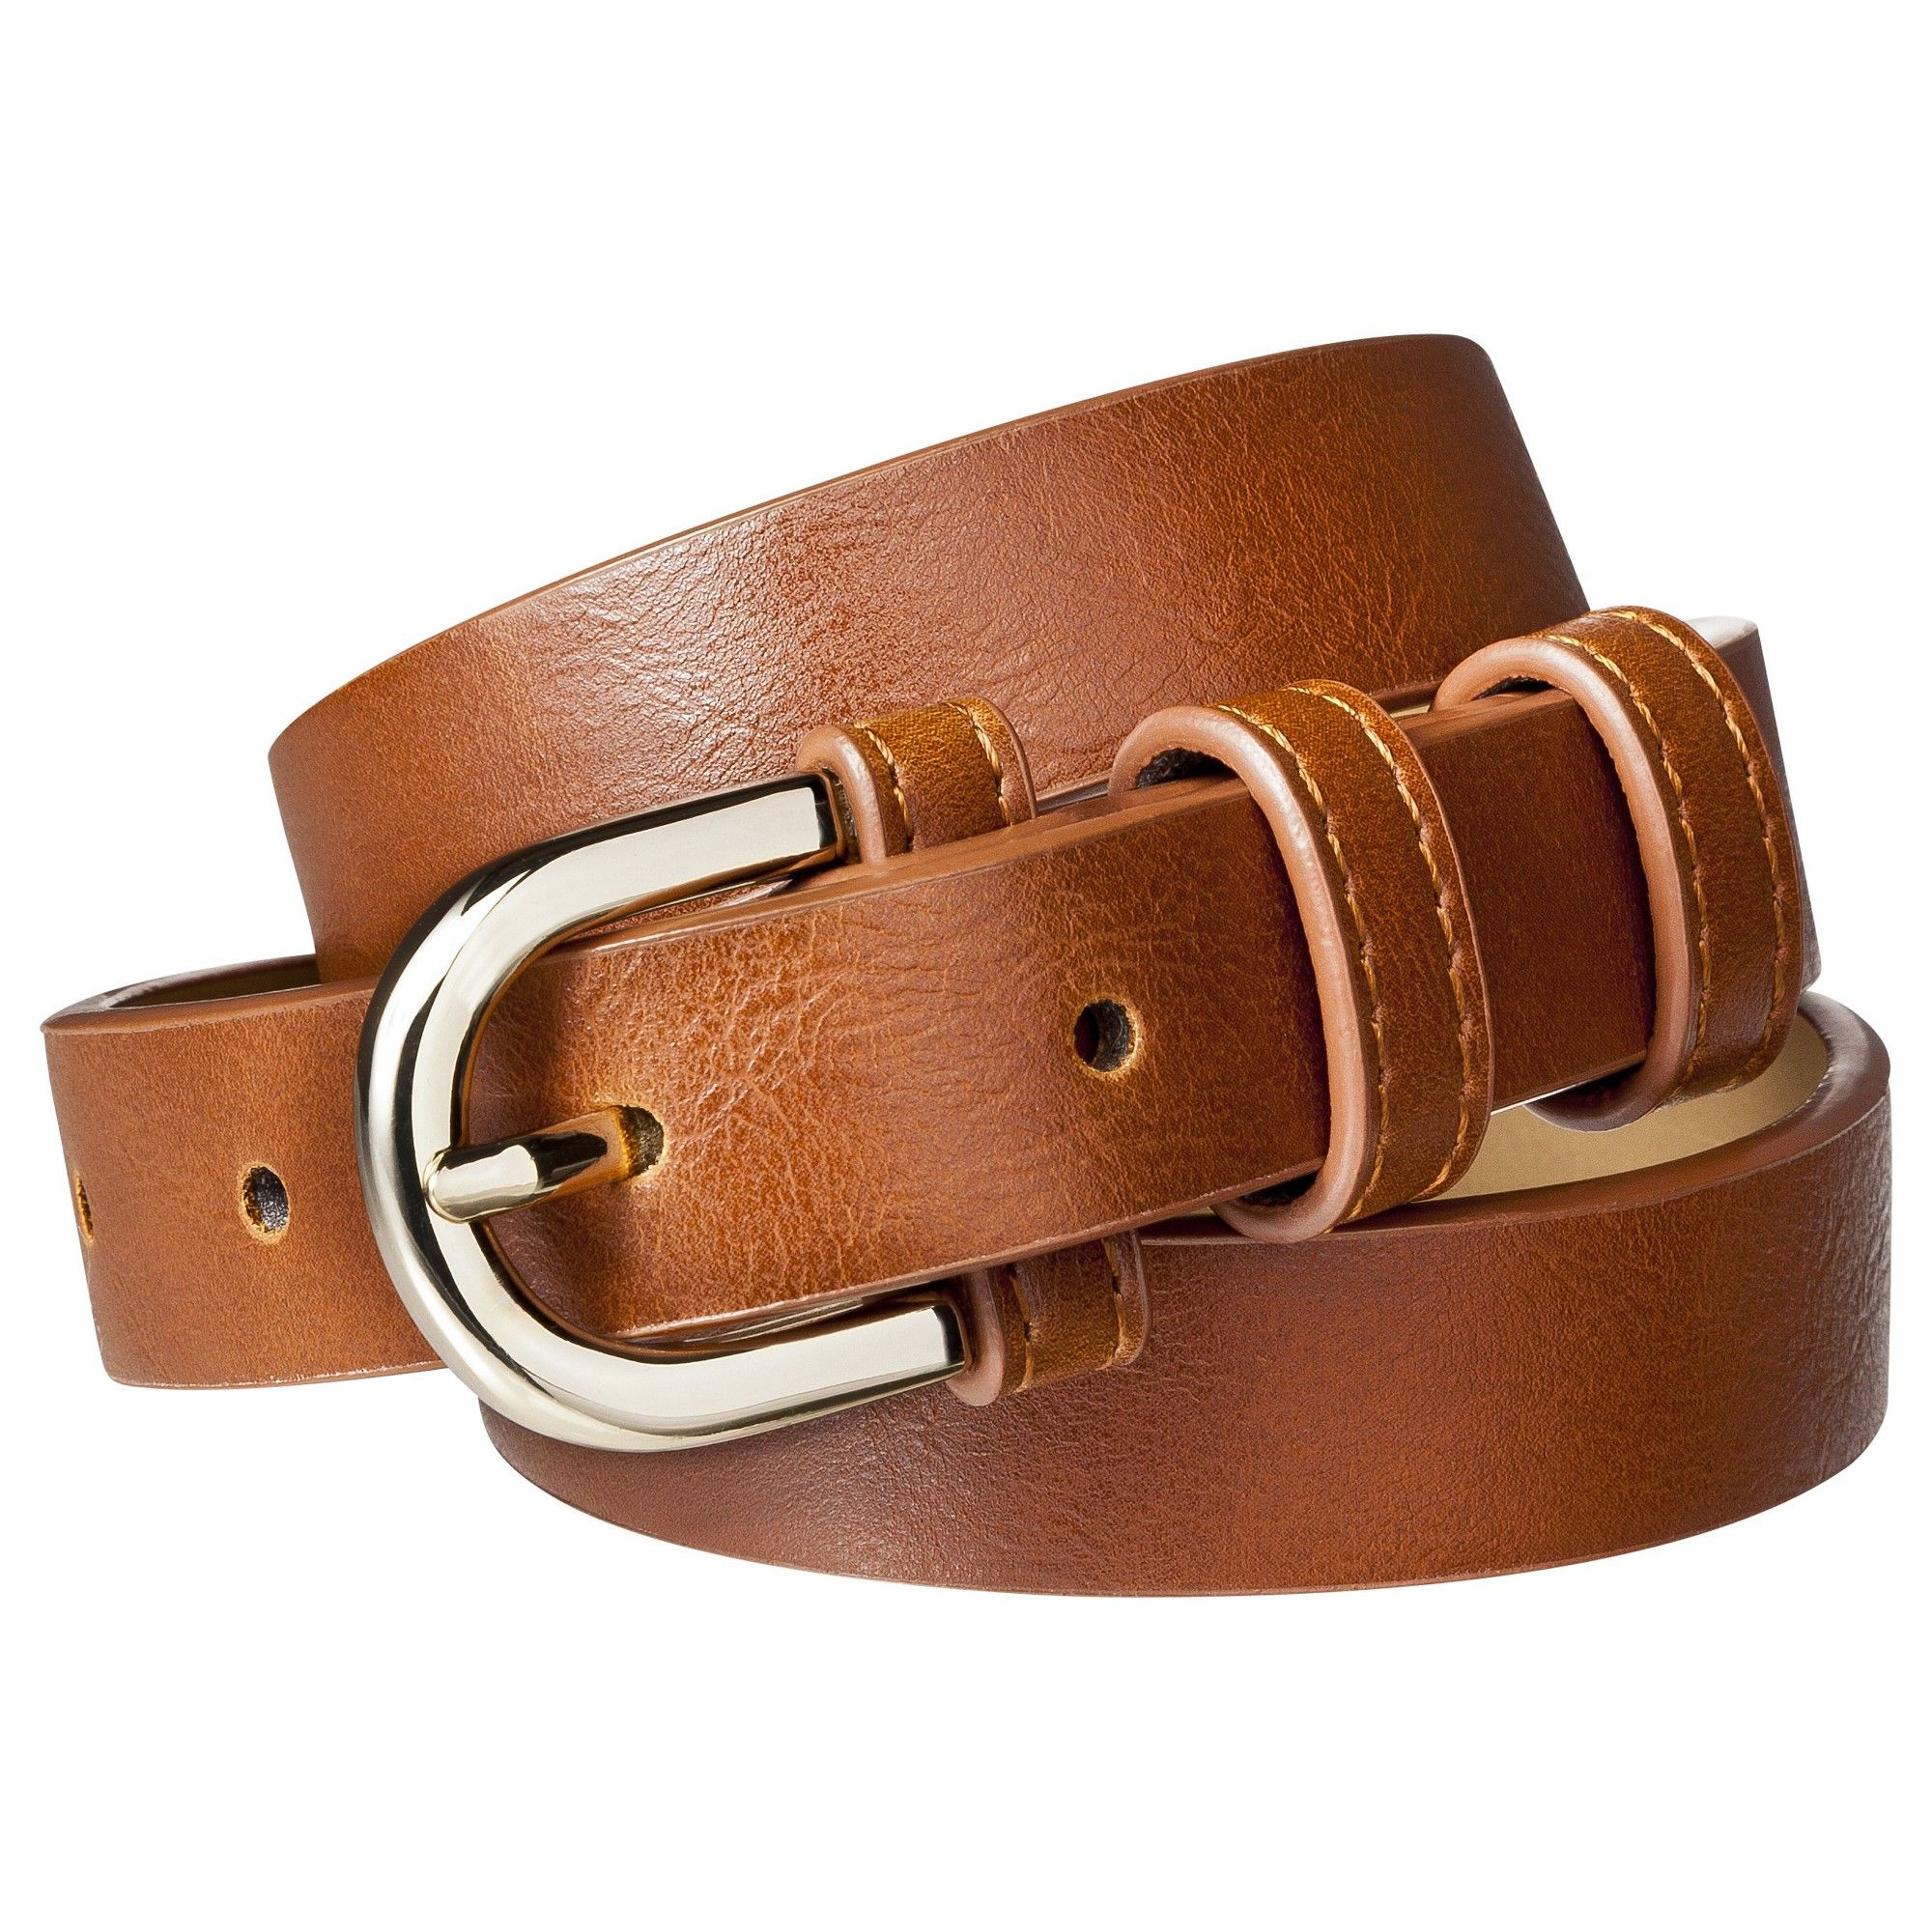 5e4e83b10368 Modern Dress Belt - A New Day Brown M